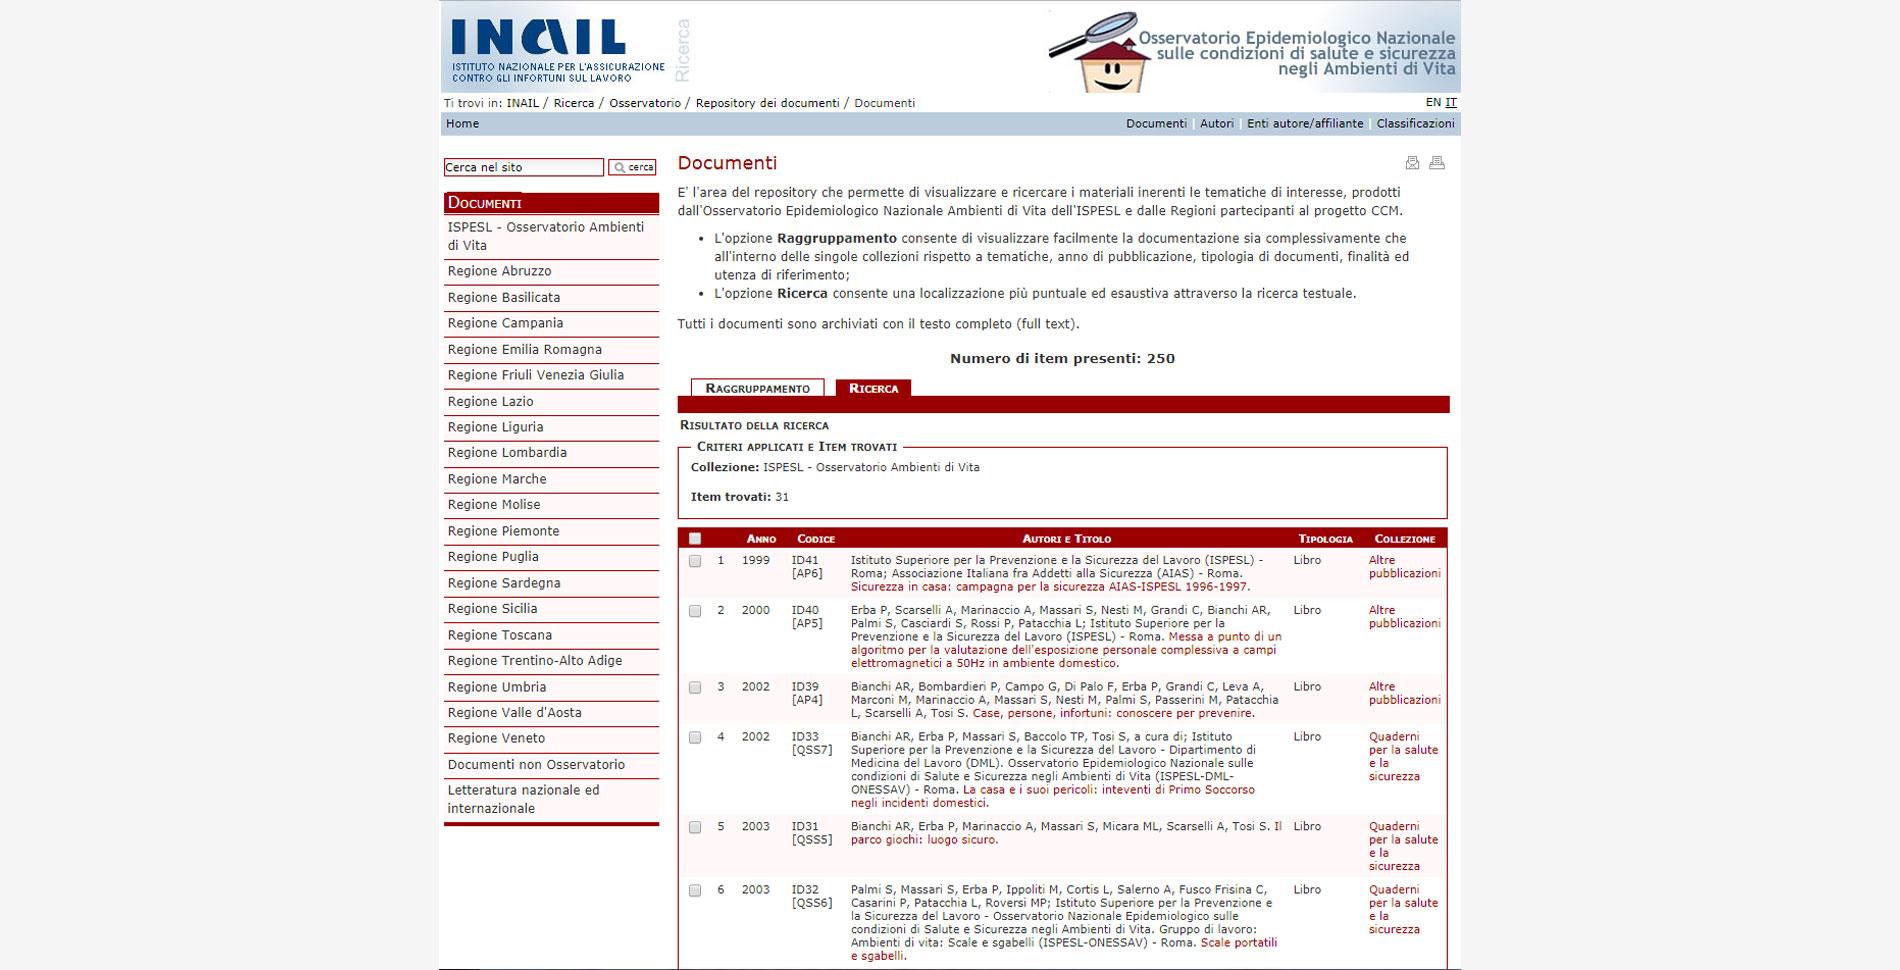 Documenti repository digitale